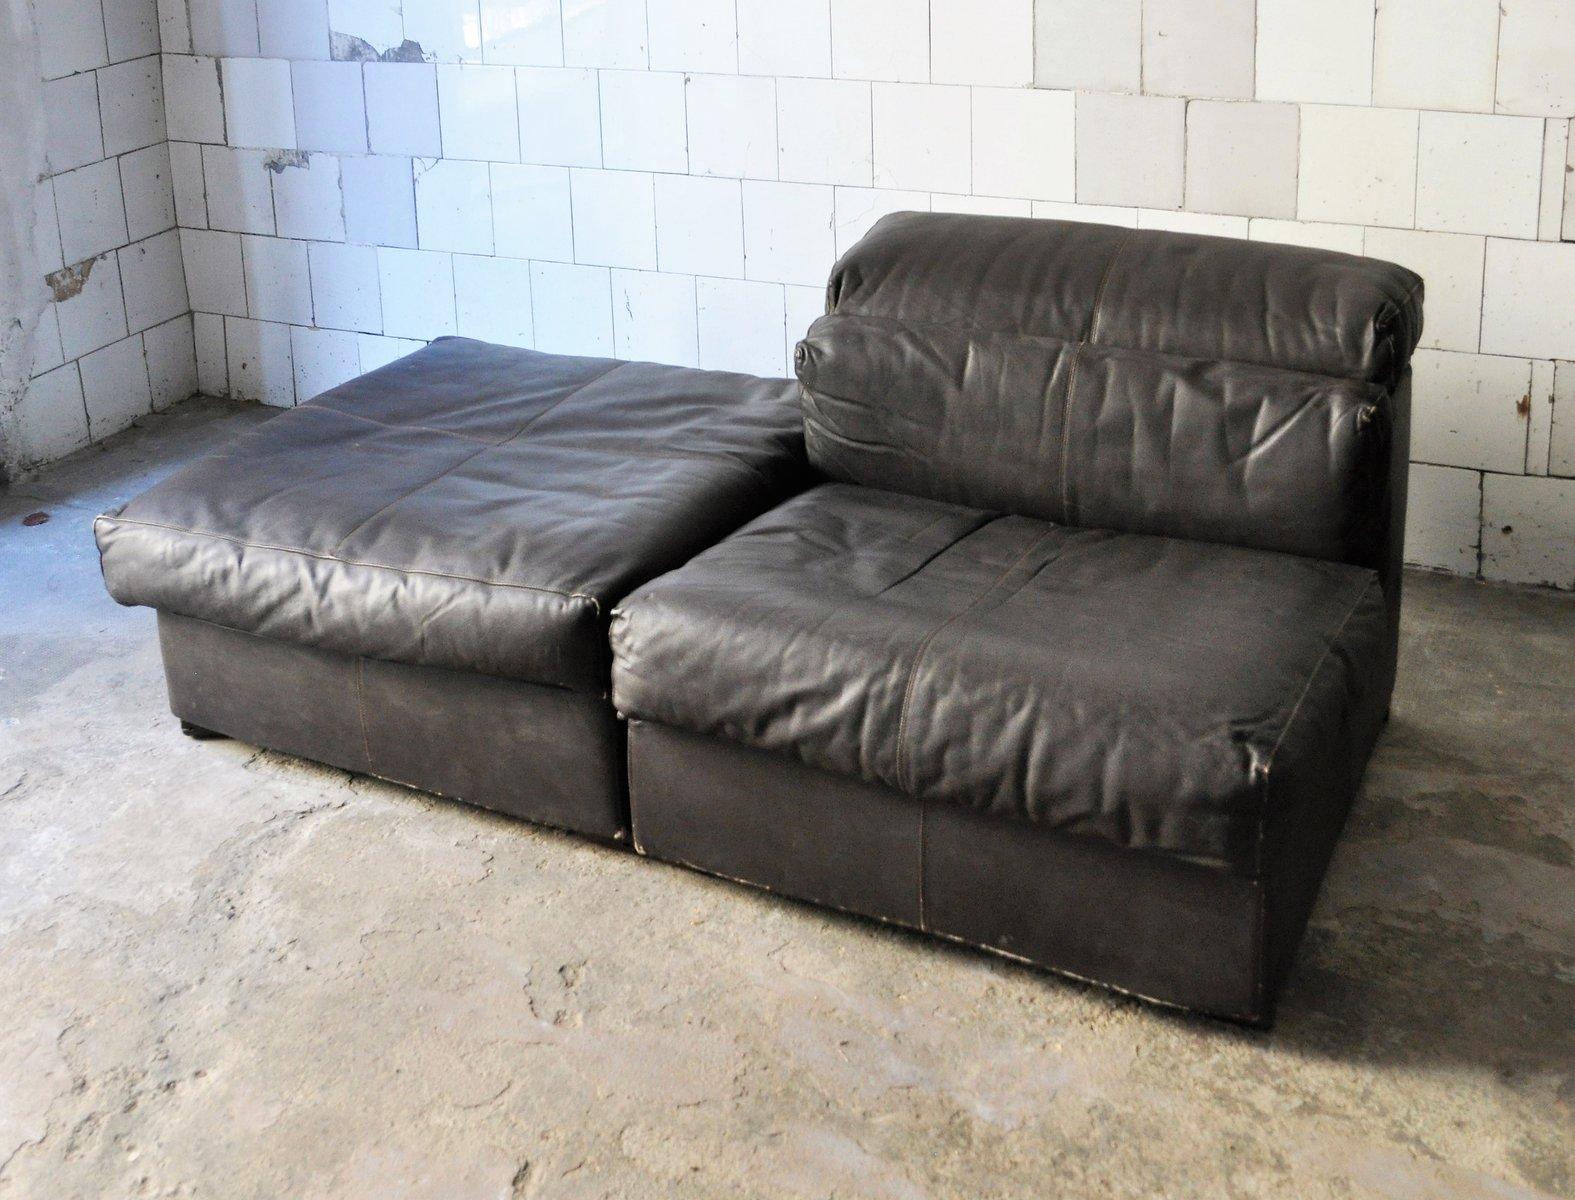 Bb divani italia divano di design di jasper morrison per bb italia bb italia drei sitzer - Divano harry mondo convenienza ...